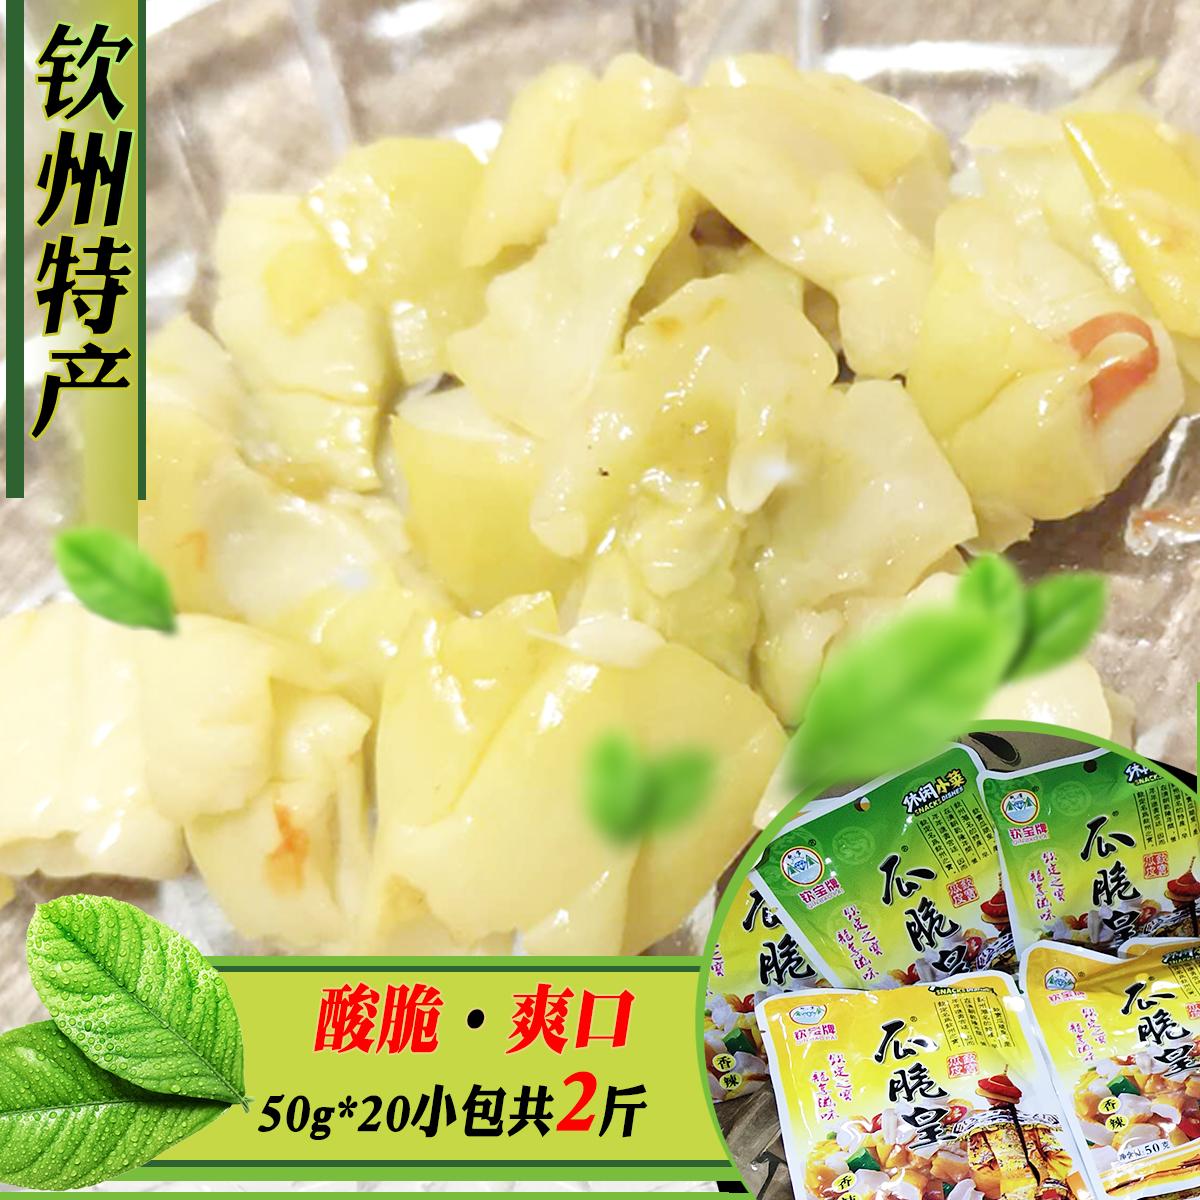 广西钦州黄瓜皮钦宝瓜脆皇脆皮灵山博白酸辣咸菜自制农家特价包邮